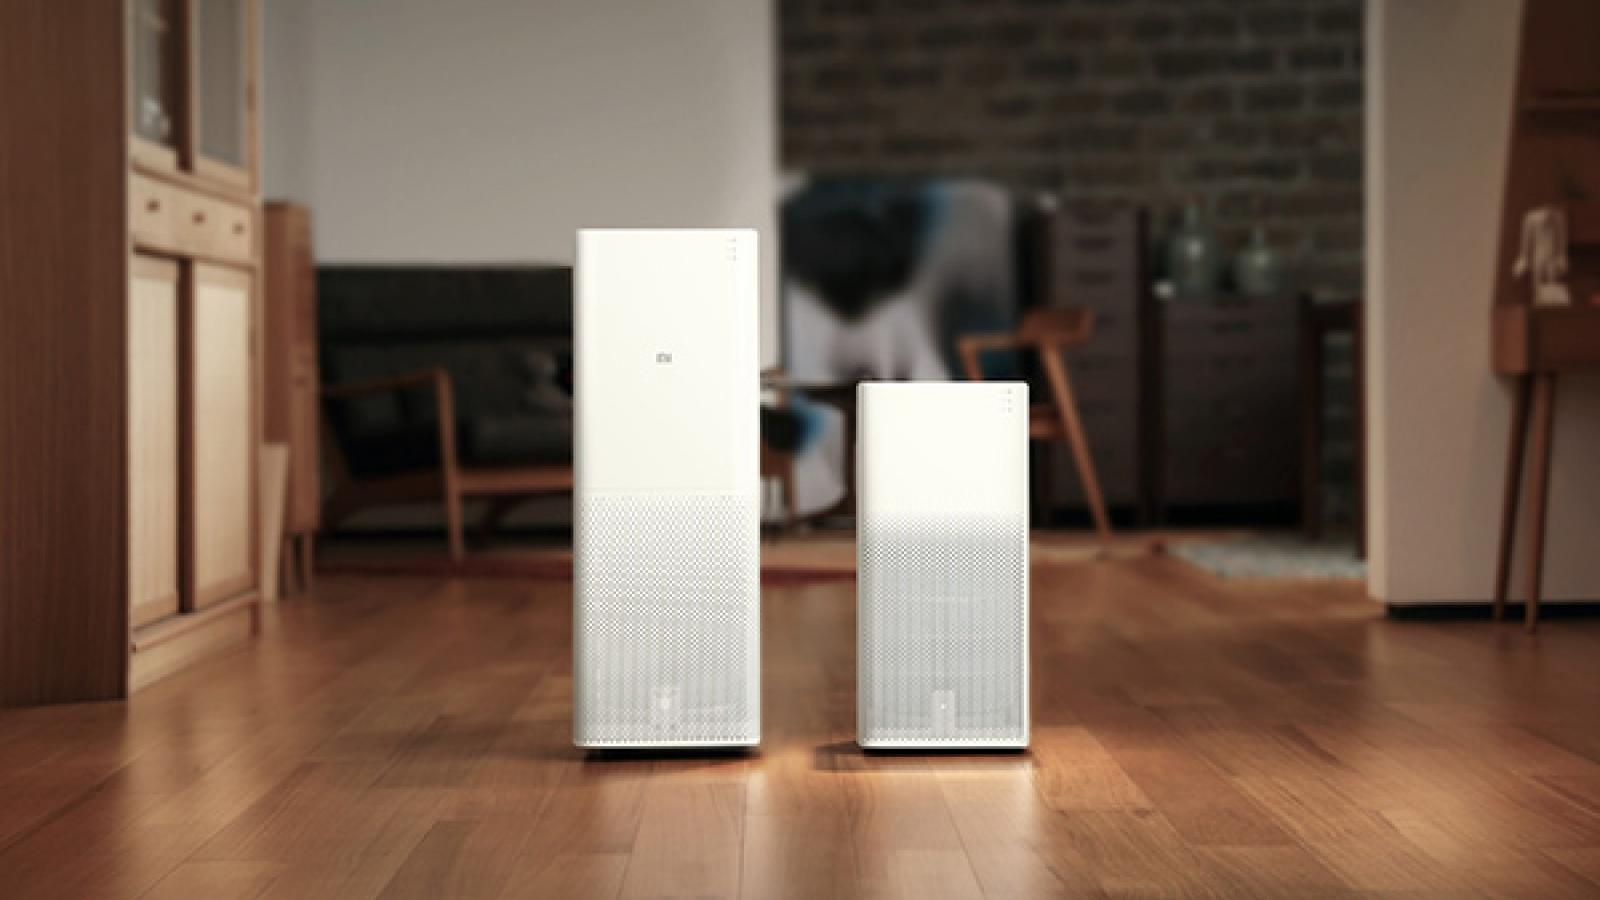 Cách chăm sóc và sử dụng máy lọc không khí giúp ngôi nhà luôn được trong lành